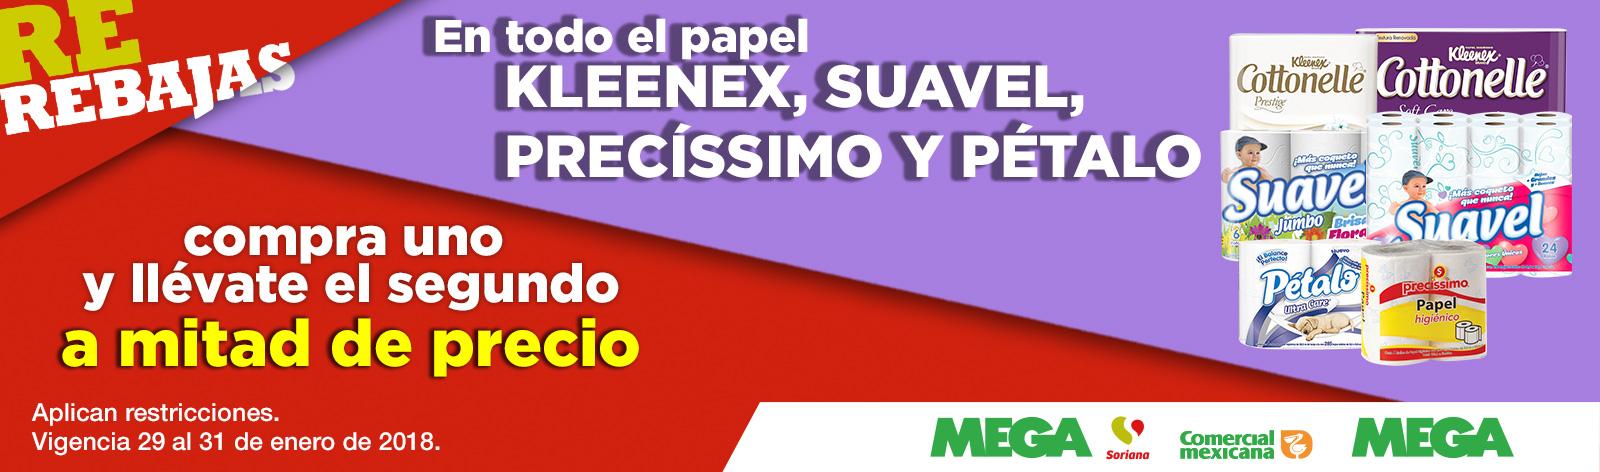 Comercial mexicana y MEGA: 2x1 1/2 en higiénicos seleccionados (hasta el miércoles)